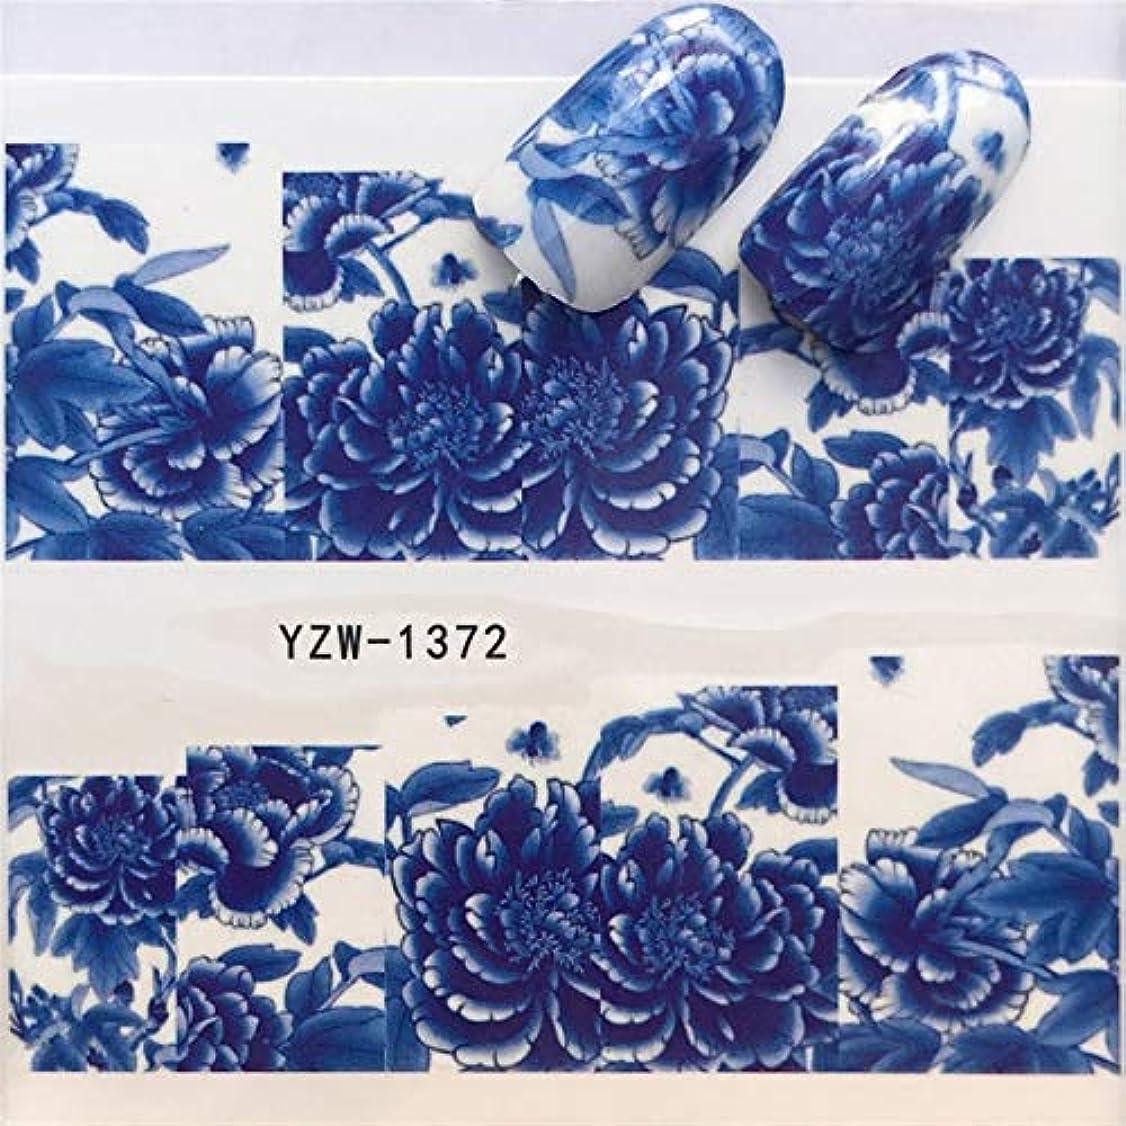 調整安いですプレフィックスビューティー&パーソナルケア 3個ネイルステッカーセットデカール水転写スライダーネイルアートデコレーション、色:YZW 1372 ステッカー&デカール